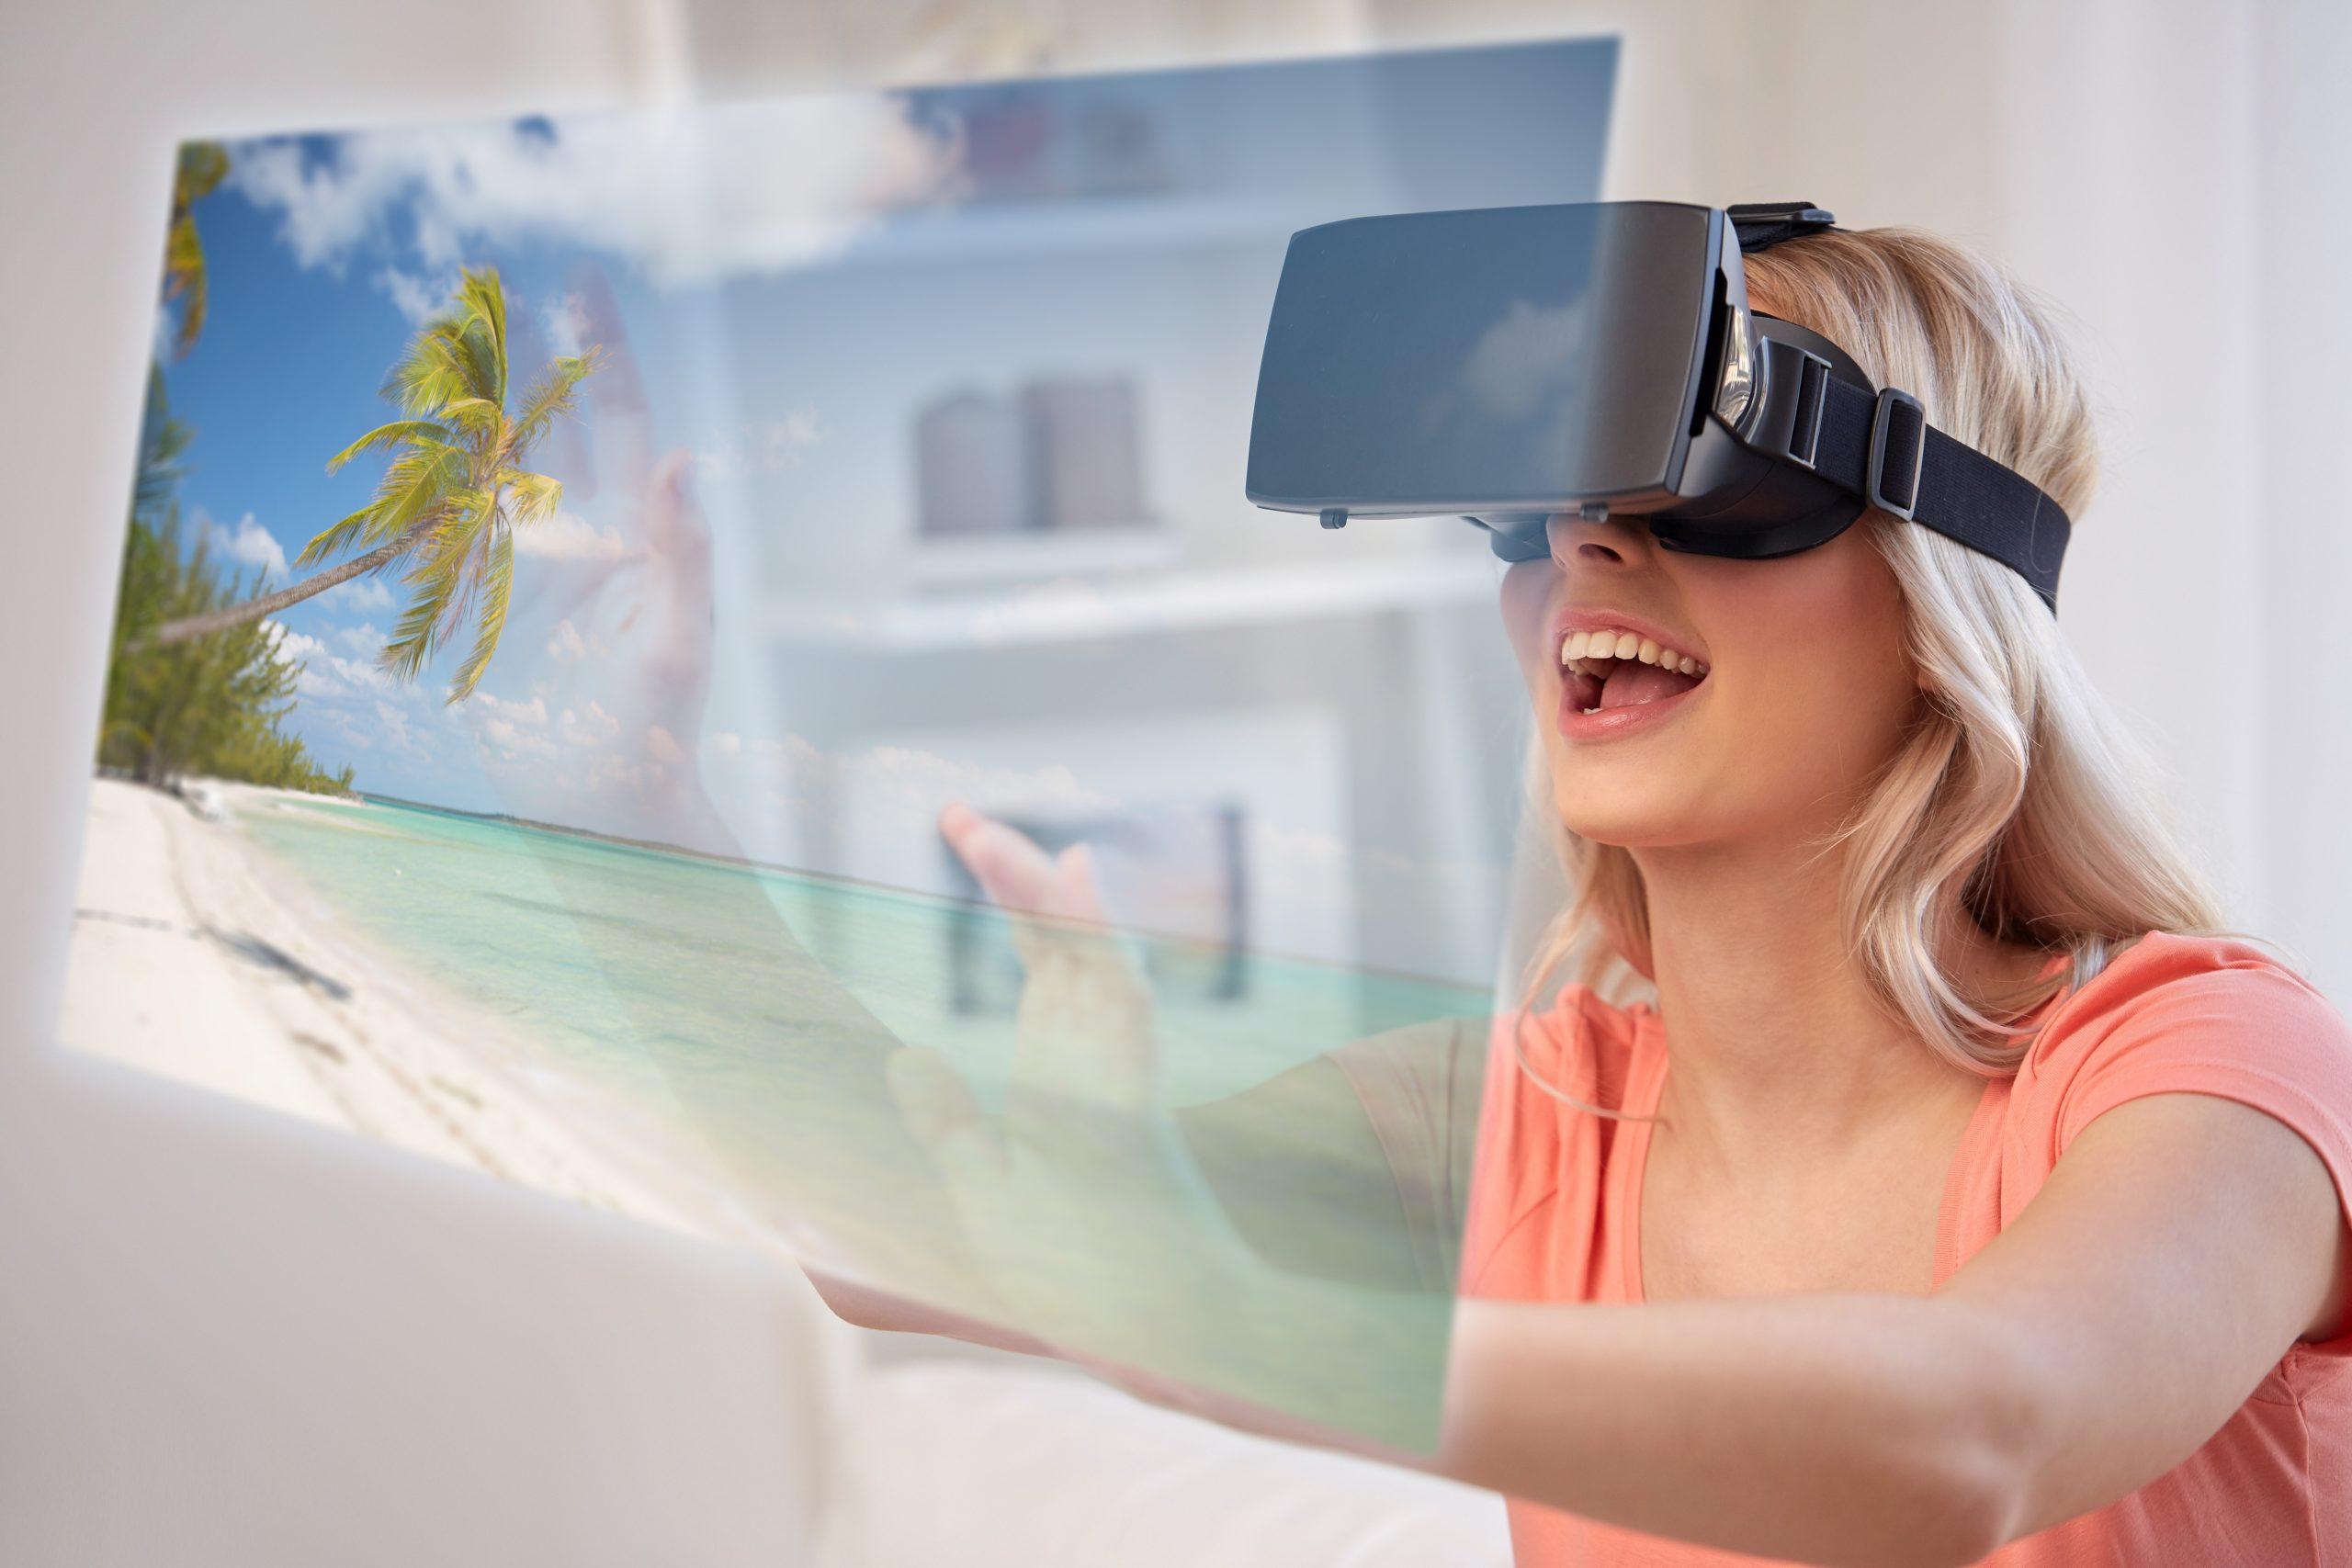 Virtuel turisme kan være en stigende inspirationskilde indtil turister igen kan rejse. (Arkivfoto: shutterstock_591580310)